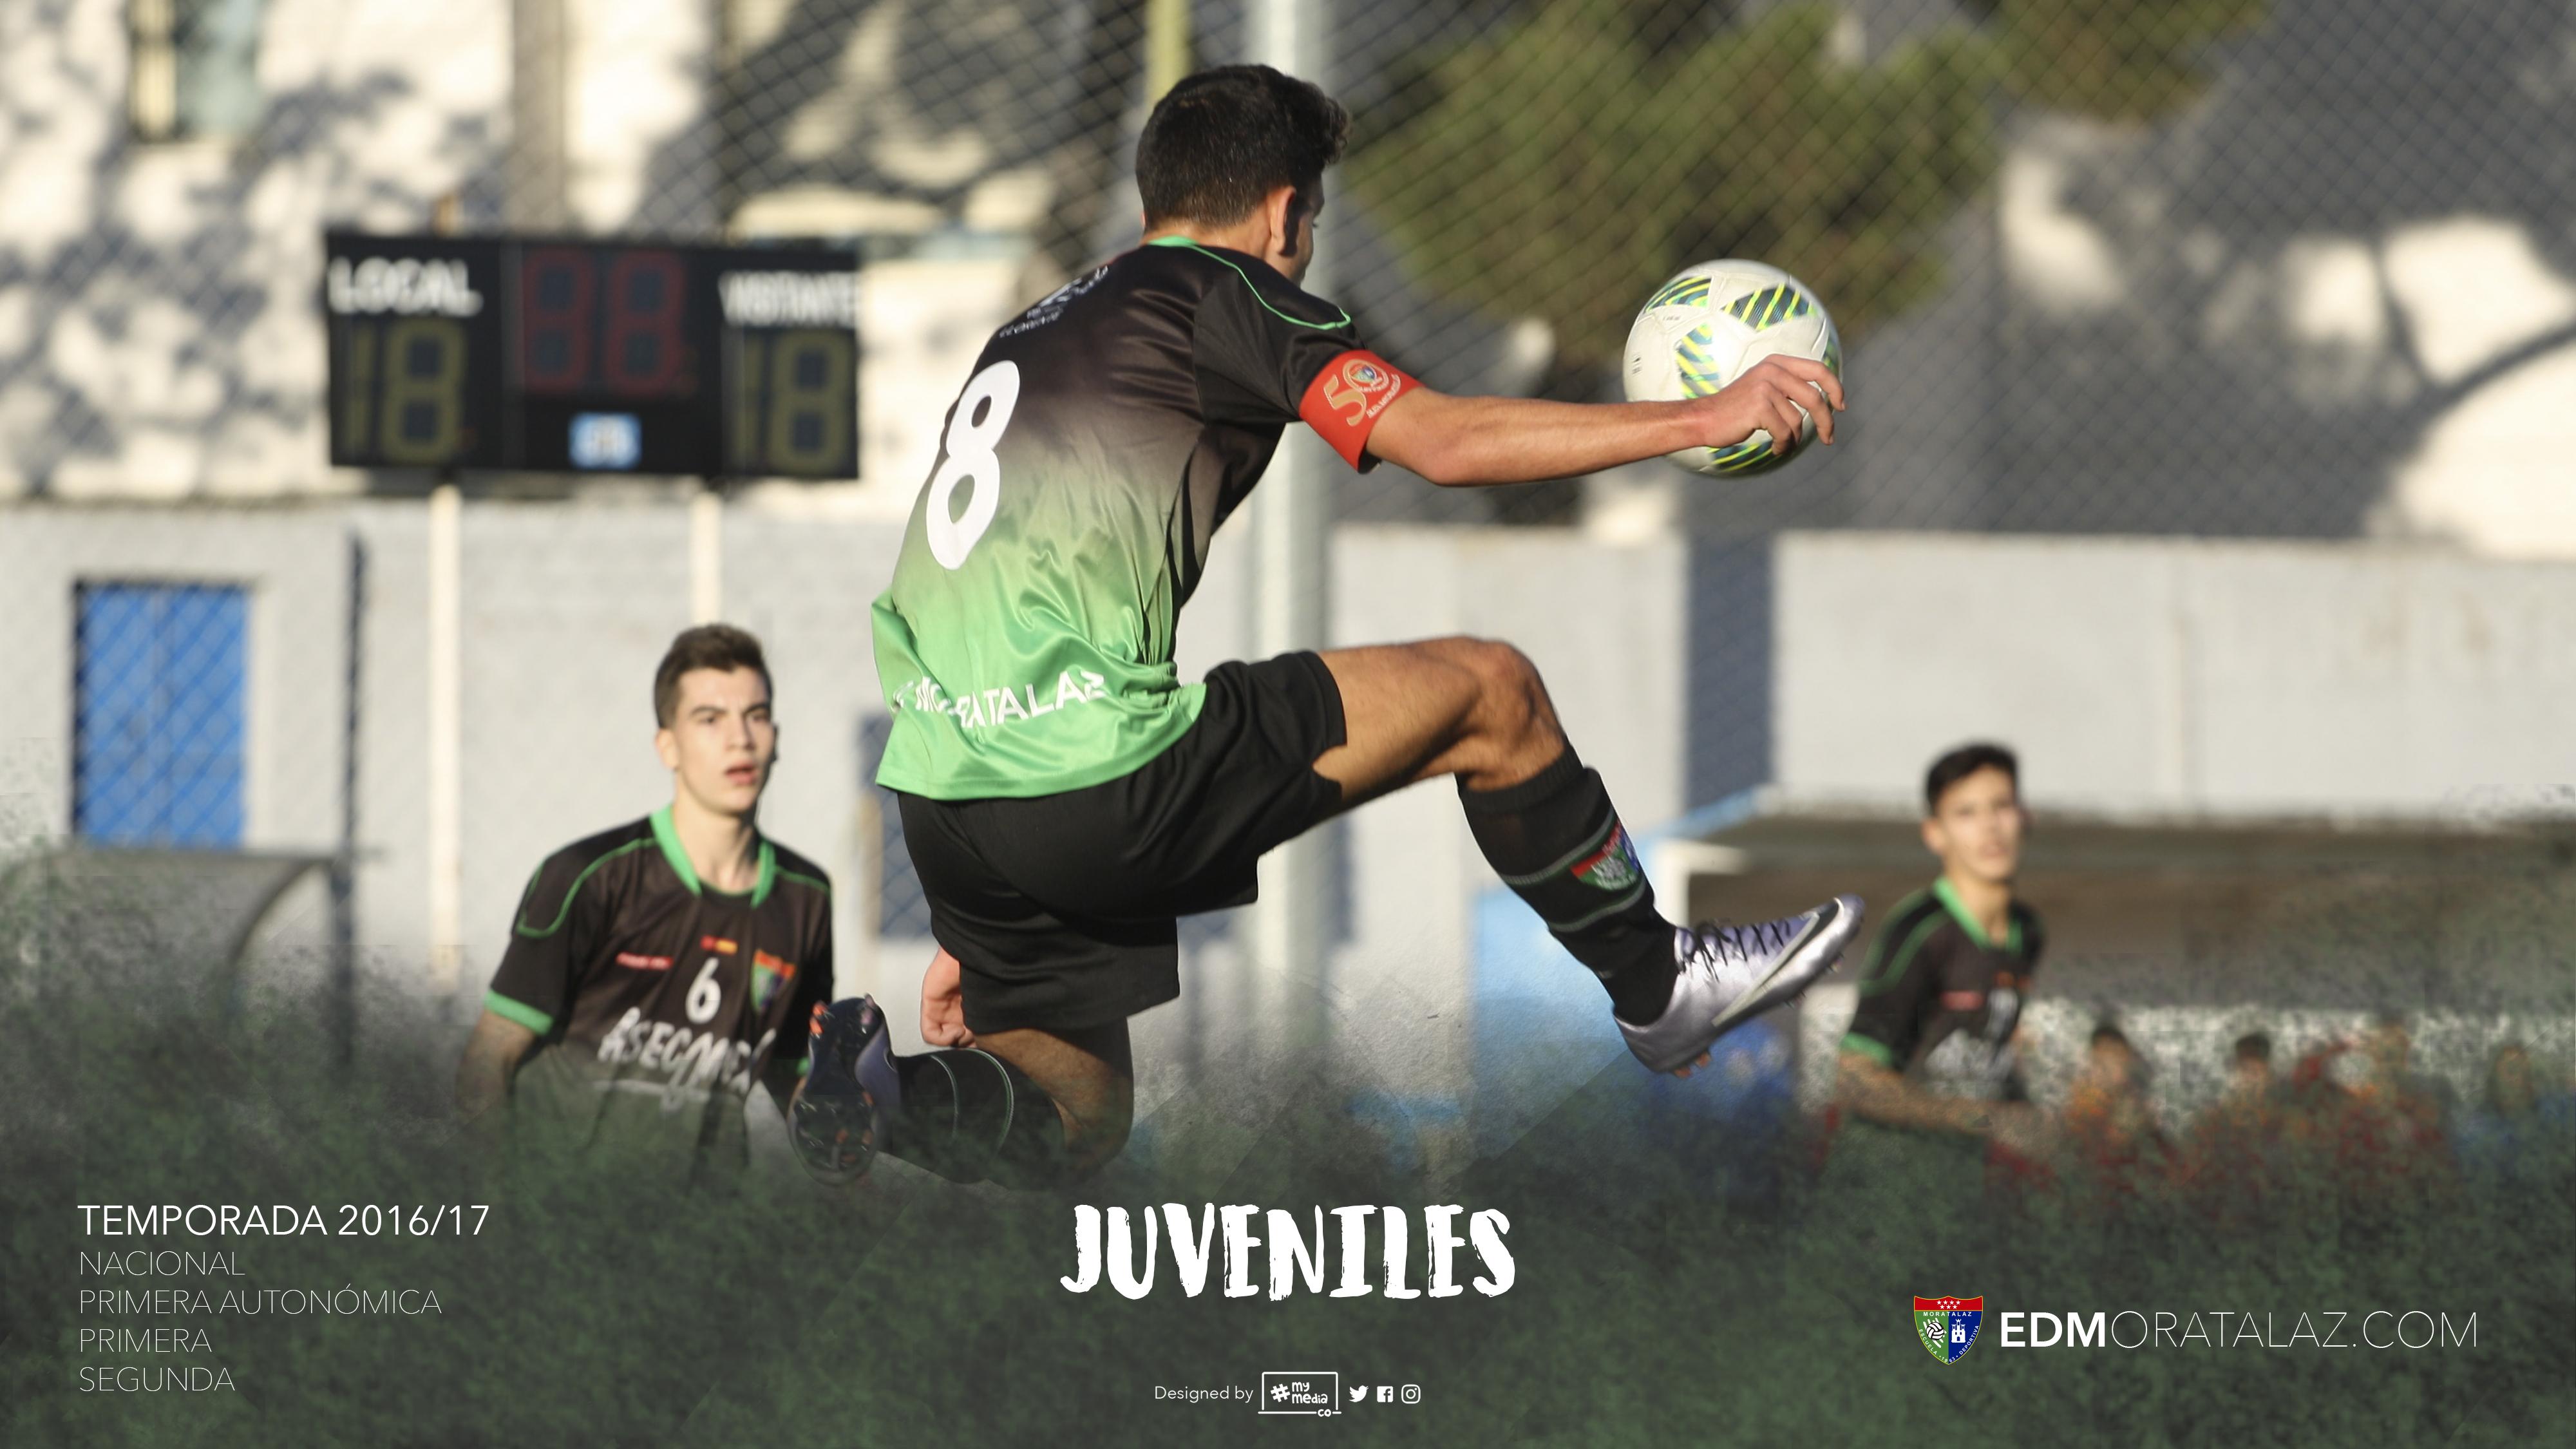 Juveniles: resumen de la Temporada 2016/17